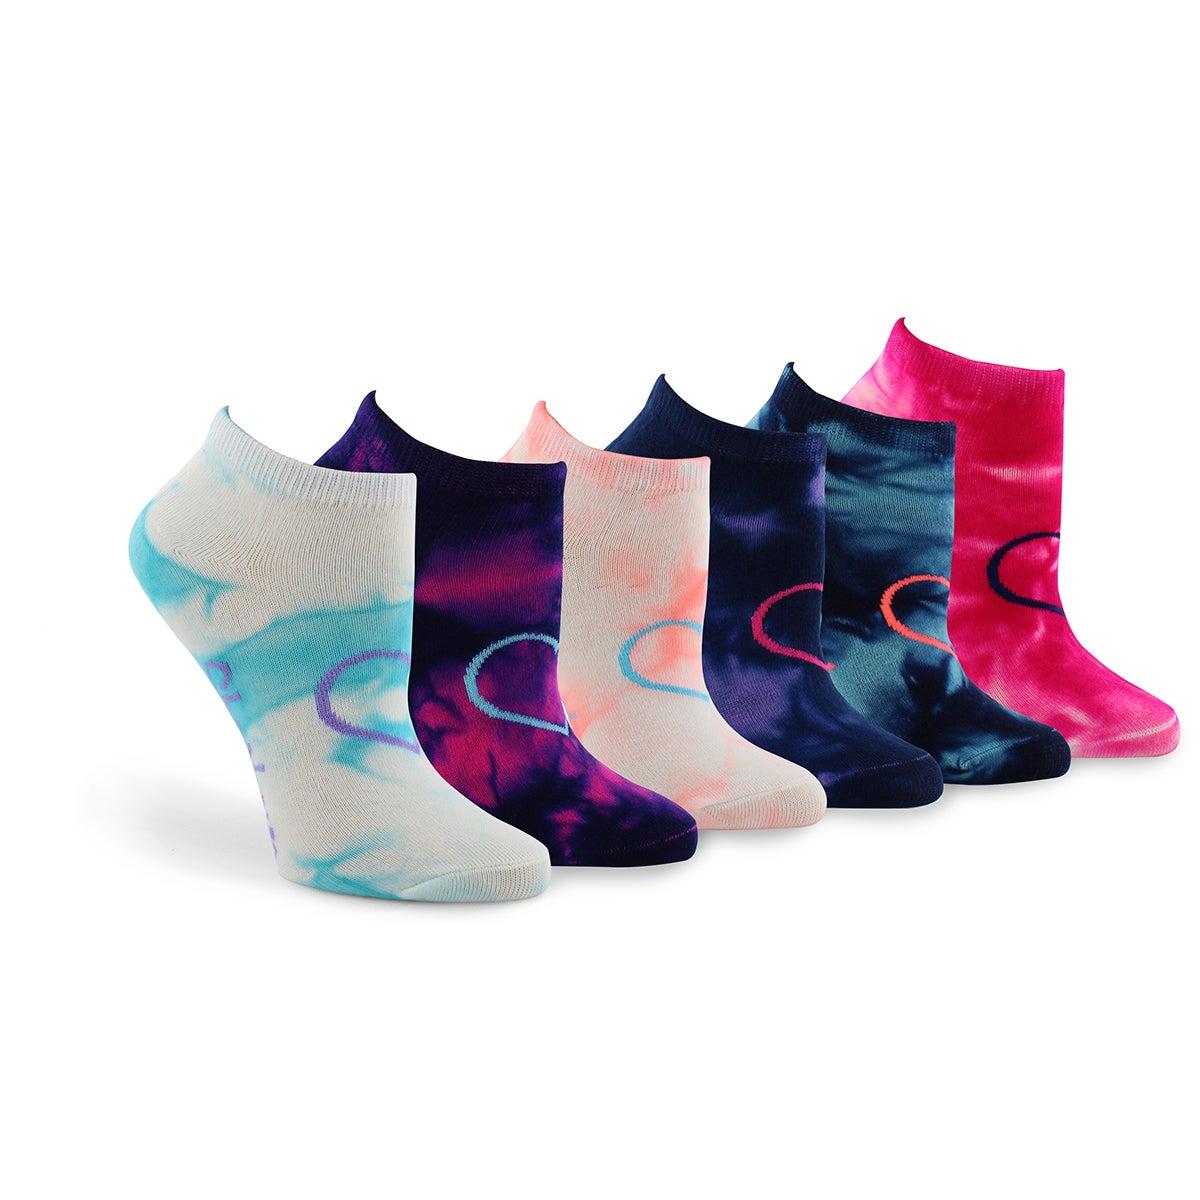 Grls Non Terry Tie Dye mlti low sock 6pk